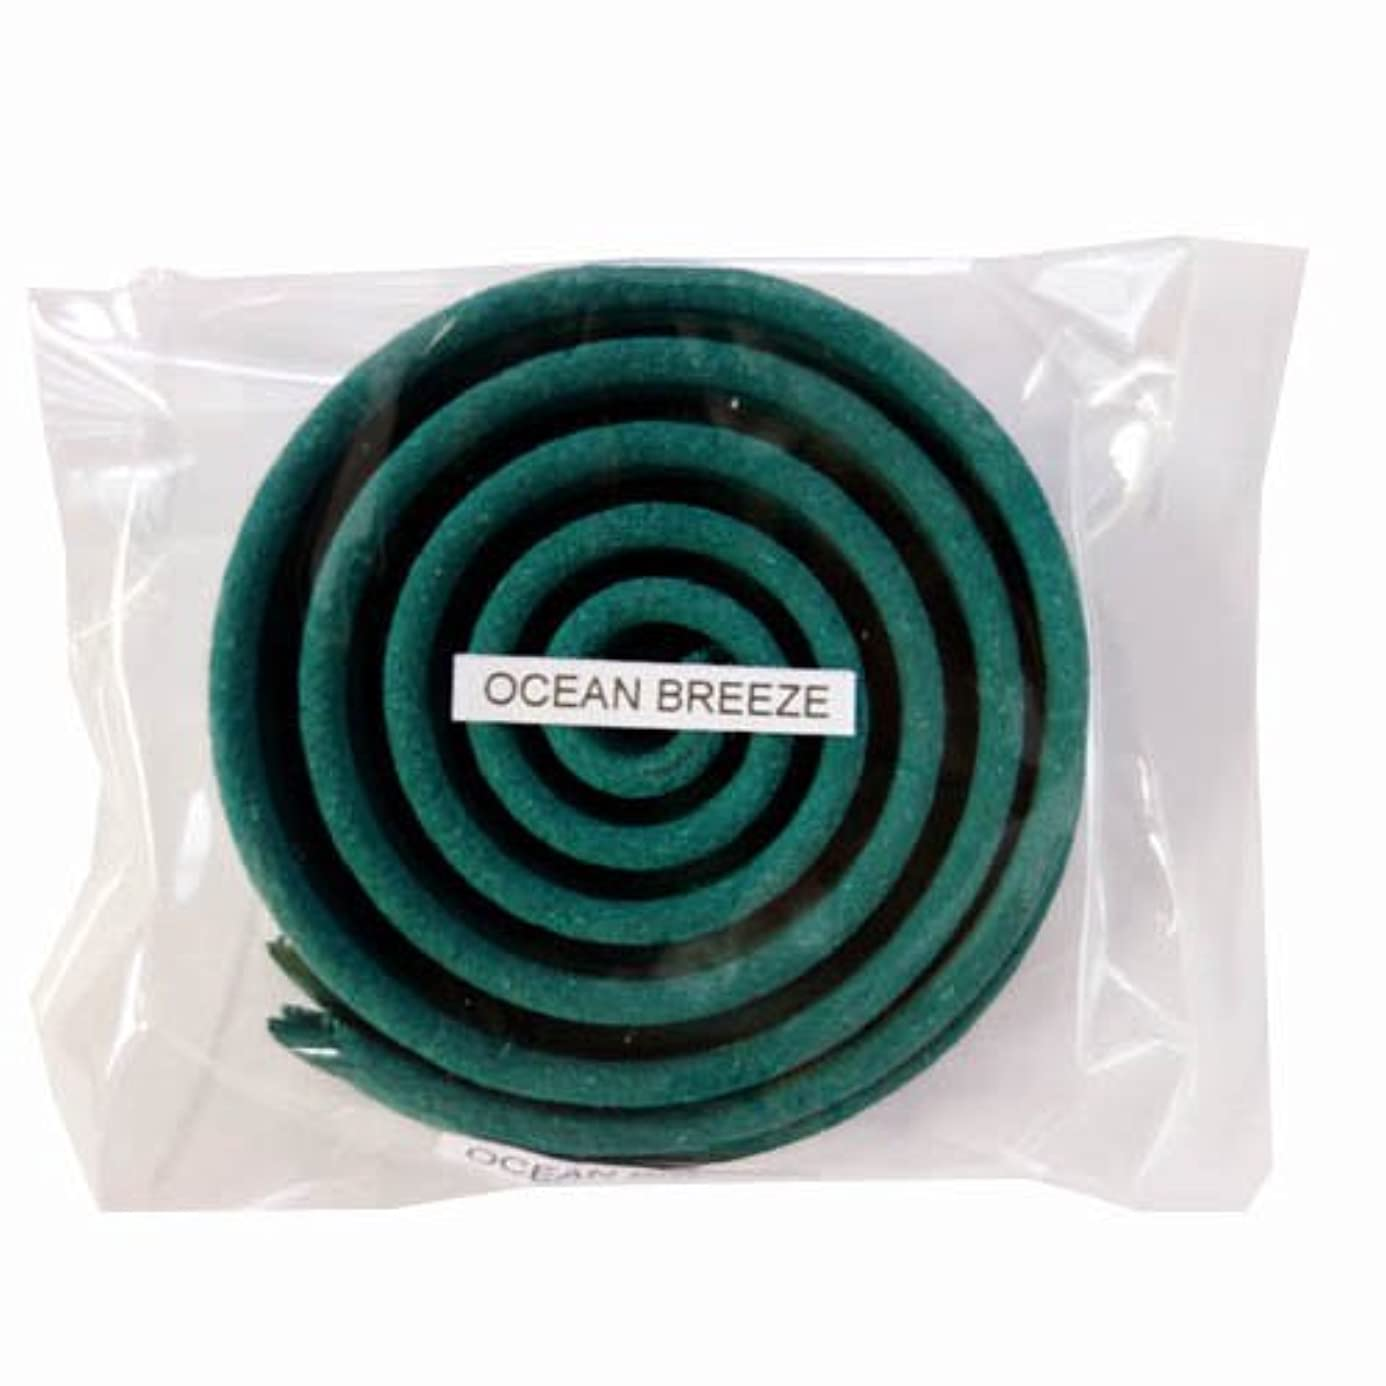 ホイップ大腿贈り物お香/うずまき香 OCEAN BREEZE オーシャンブリーズ 直径6.5cm×5巻セット [並行輸入品]